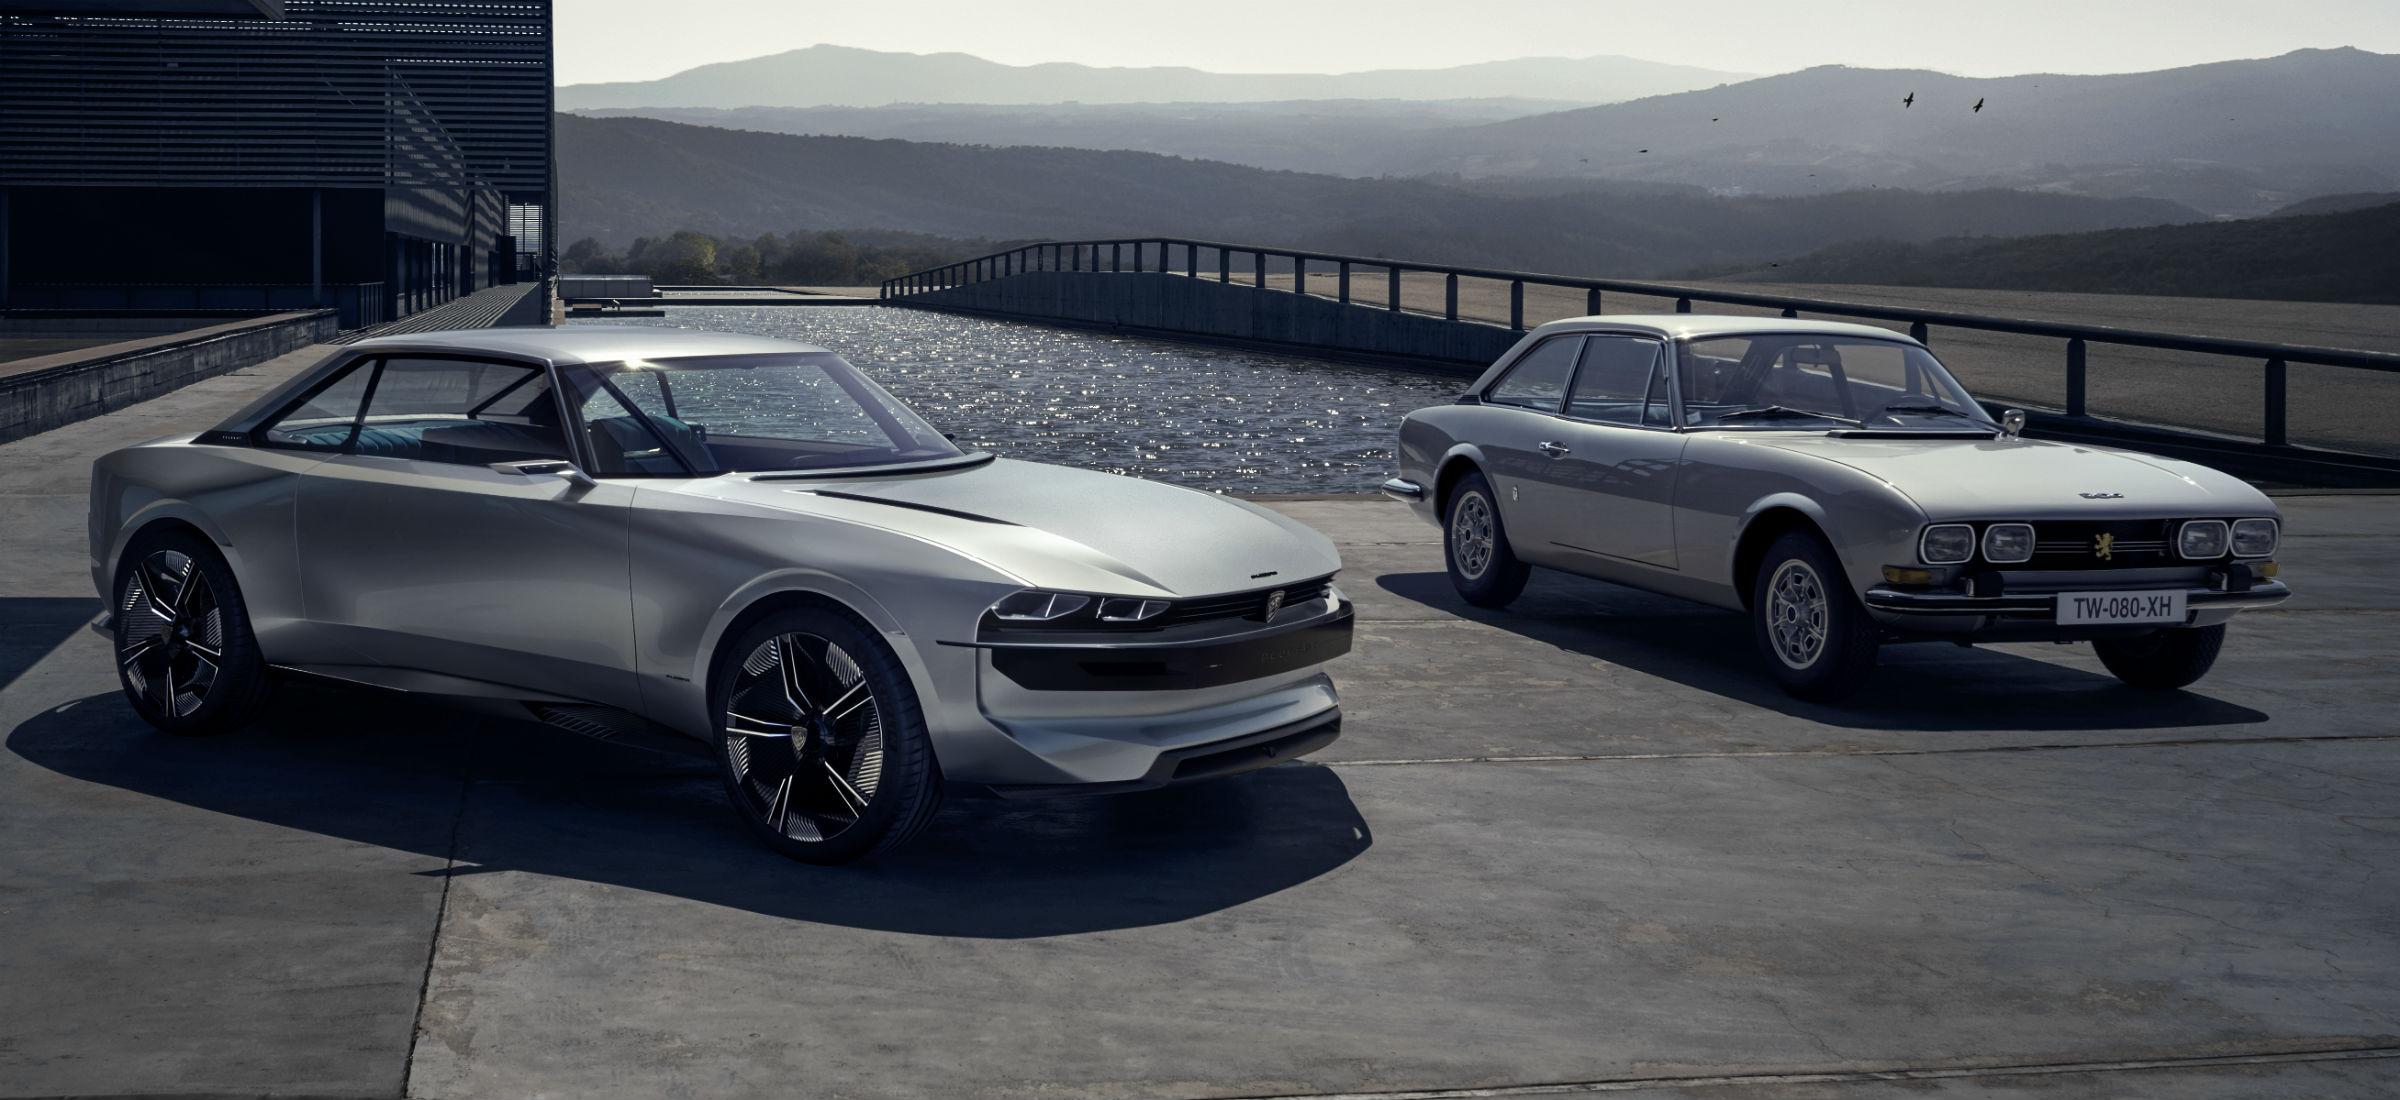 Автомобилски концепти кои ја одбележаа 2018 година